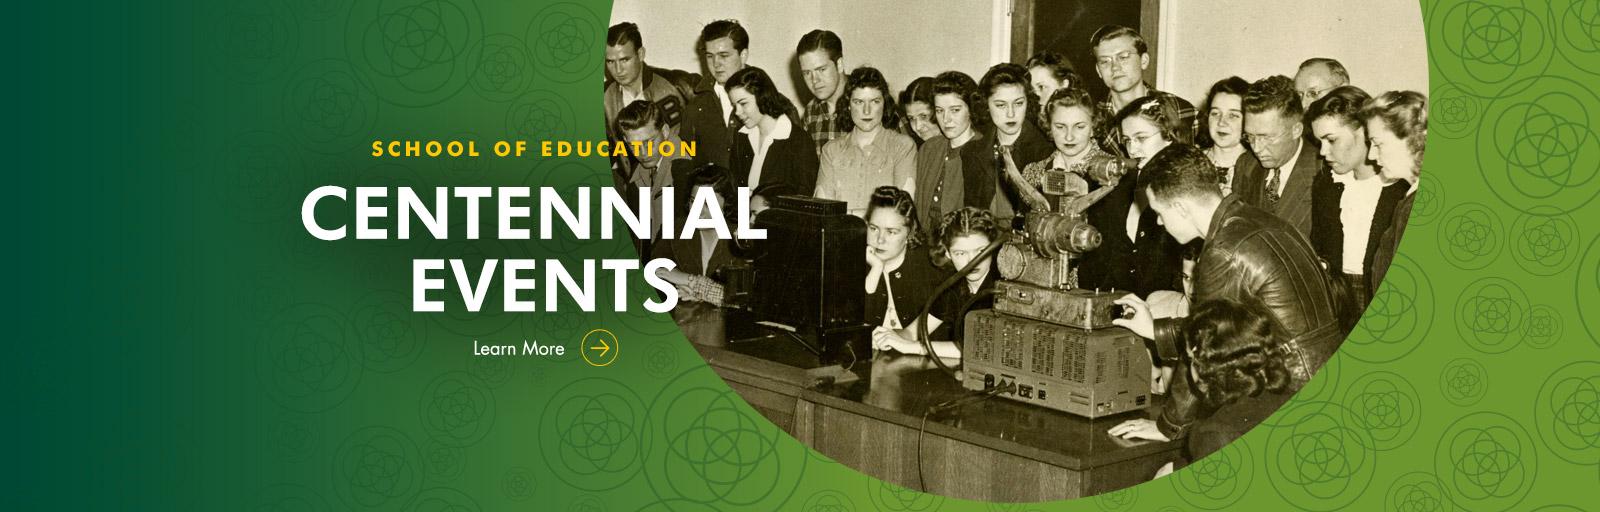 MC - Centennial Events